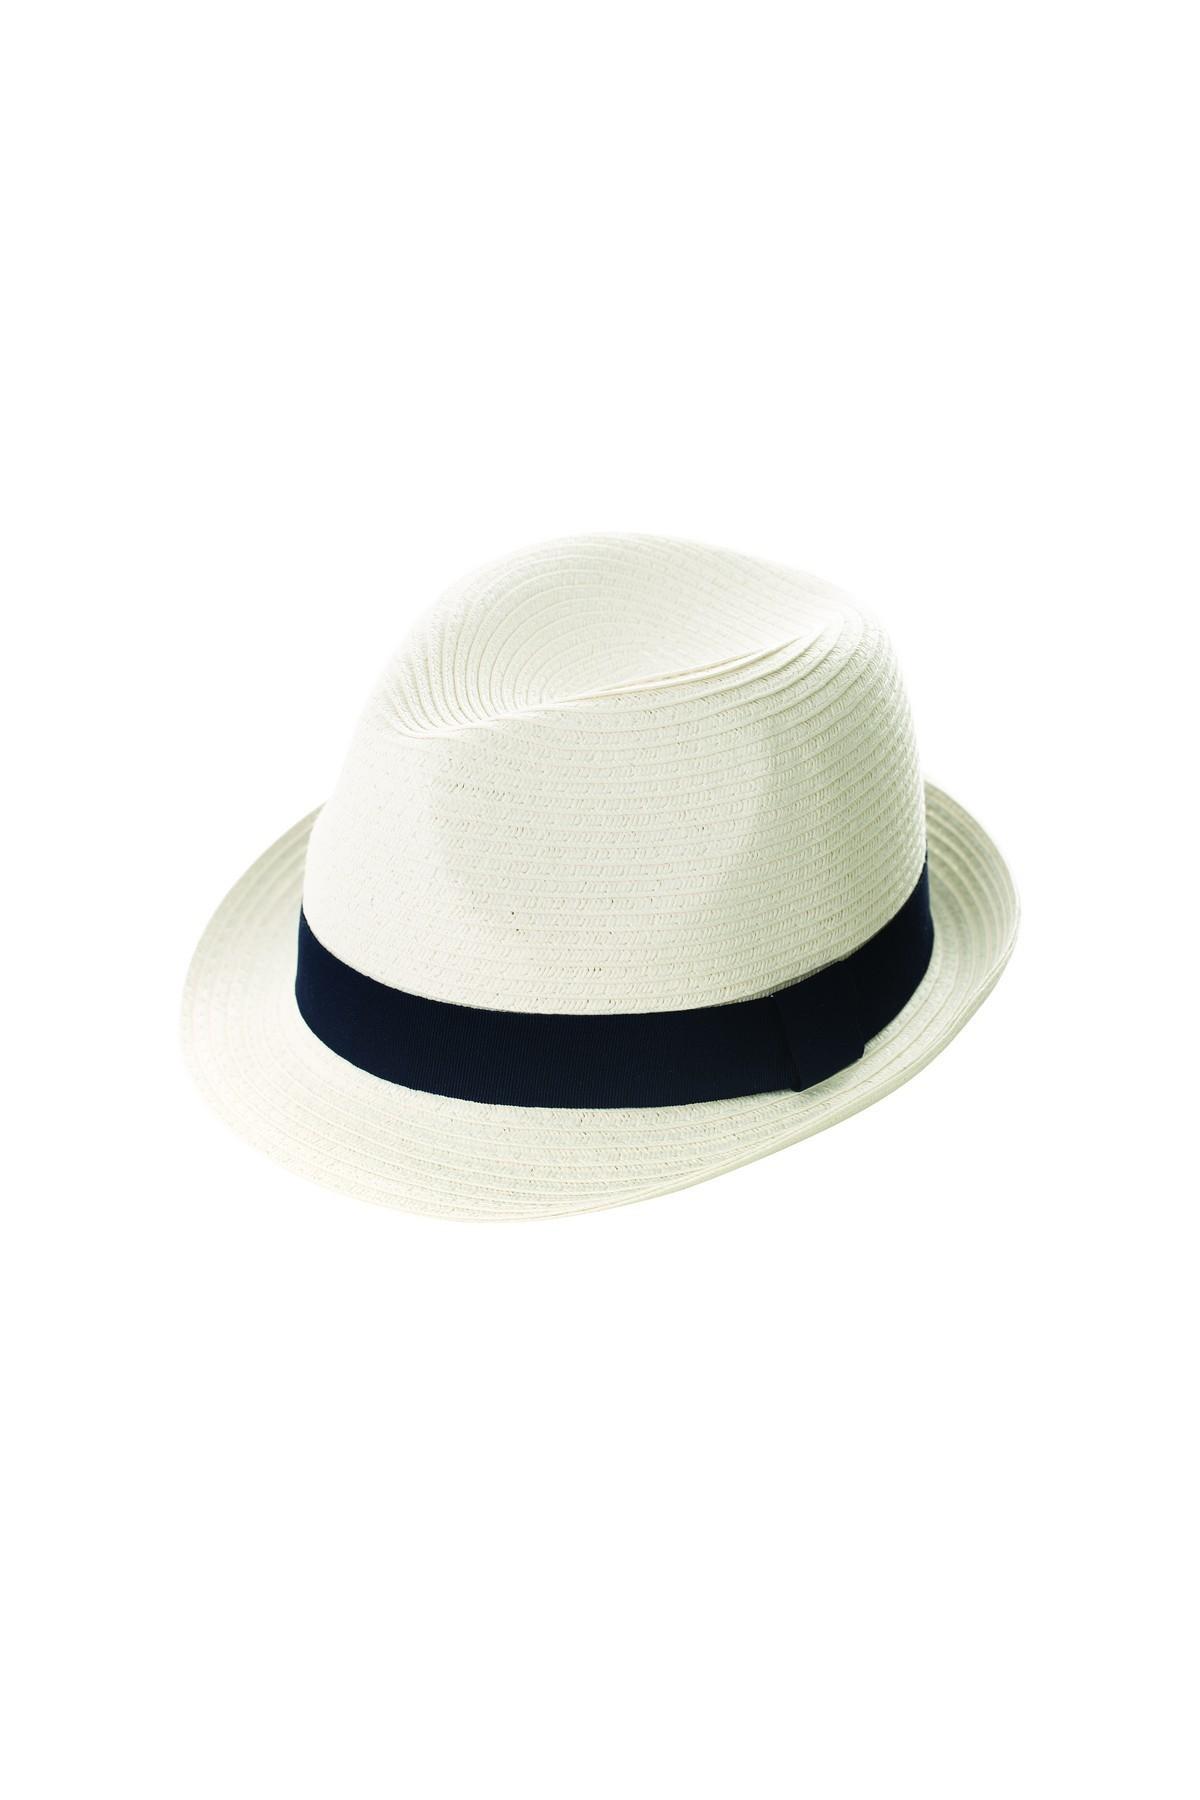 Καπέλο ψάθινο λευκό